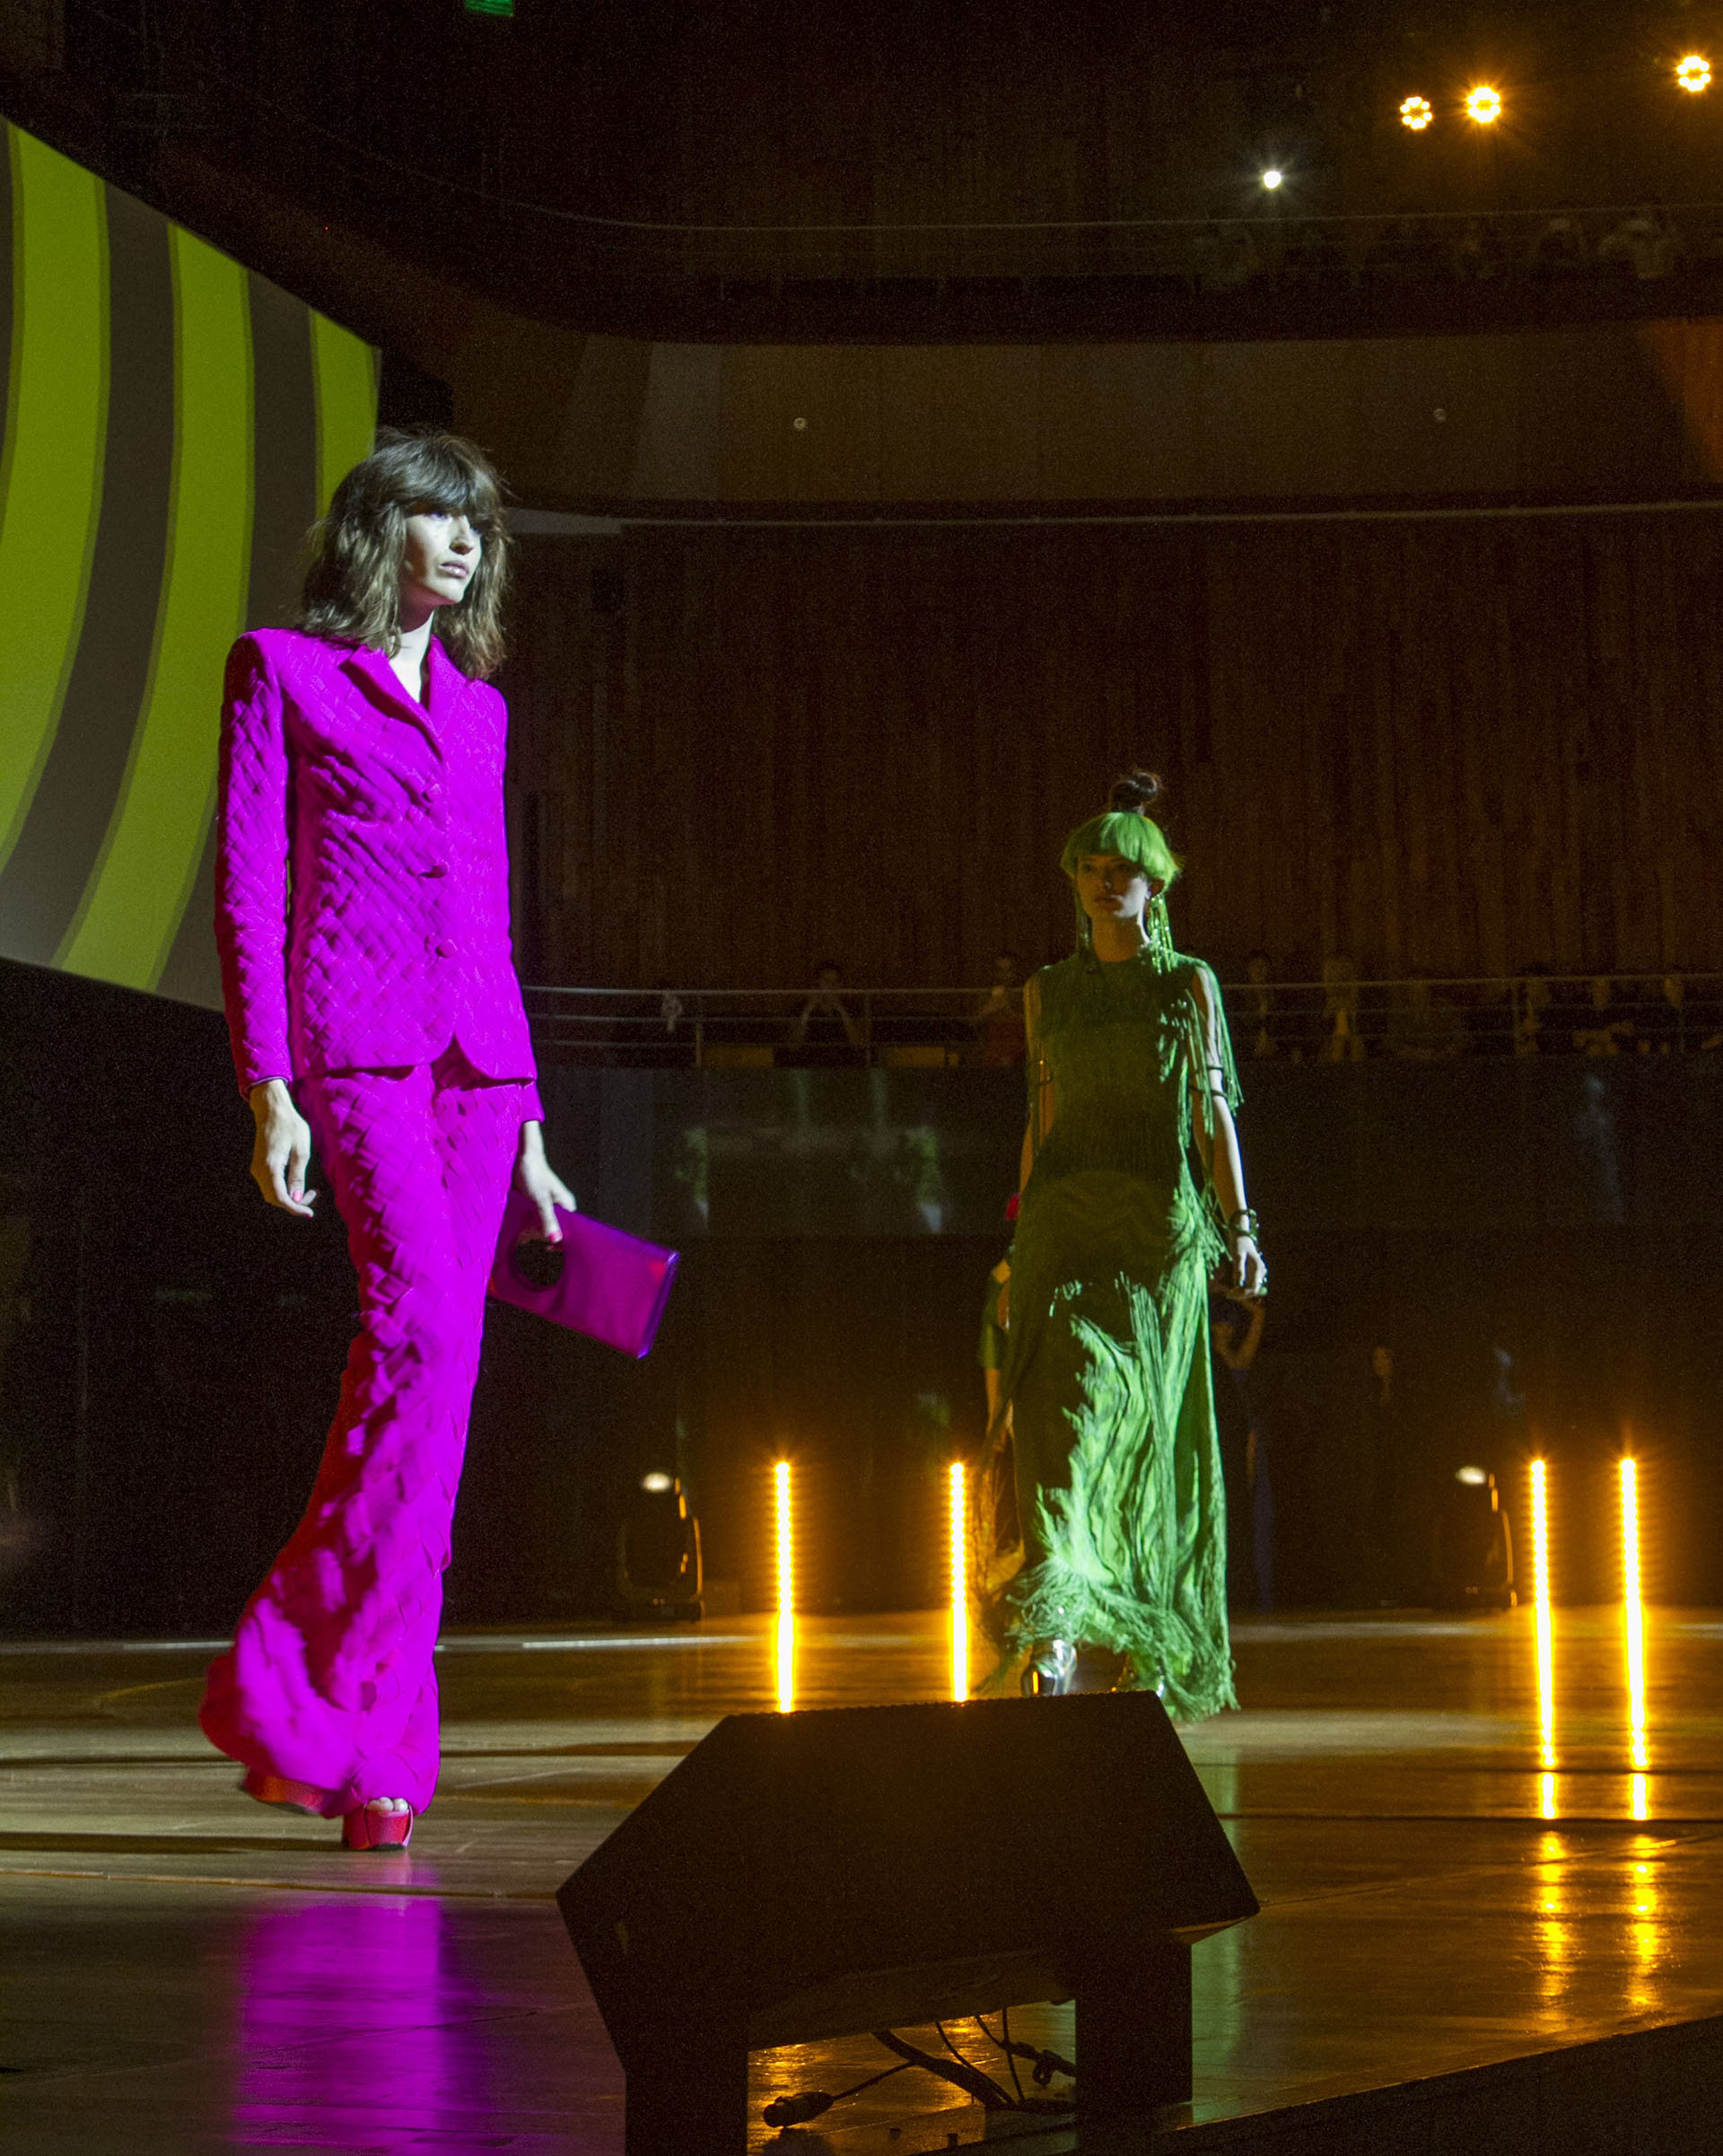 Los colores estridentes nunca faltan en las pasarelas de Gaultier. El diseñador presentó diseños en fucsia, verde, rojo, blanco y negro